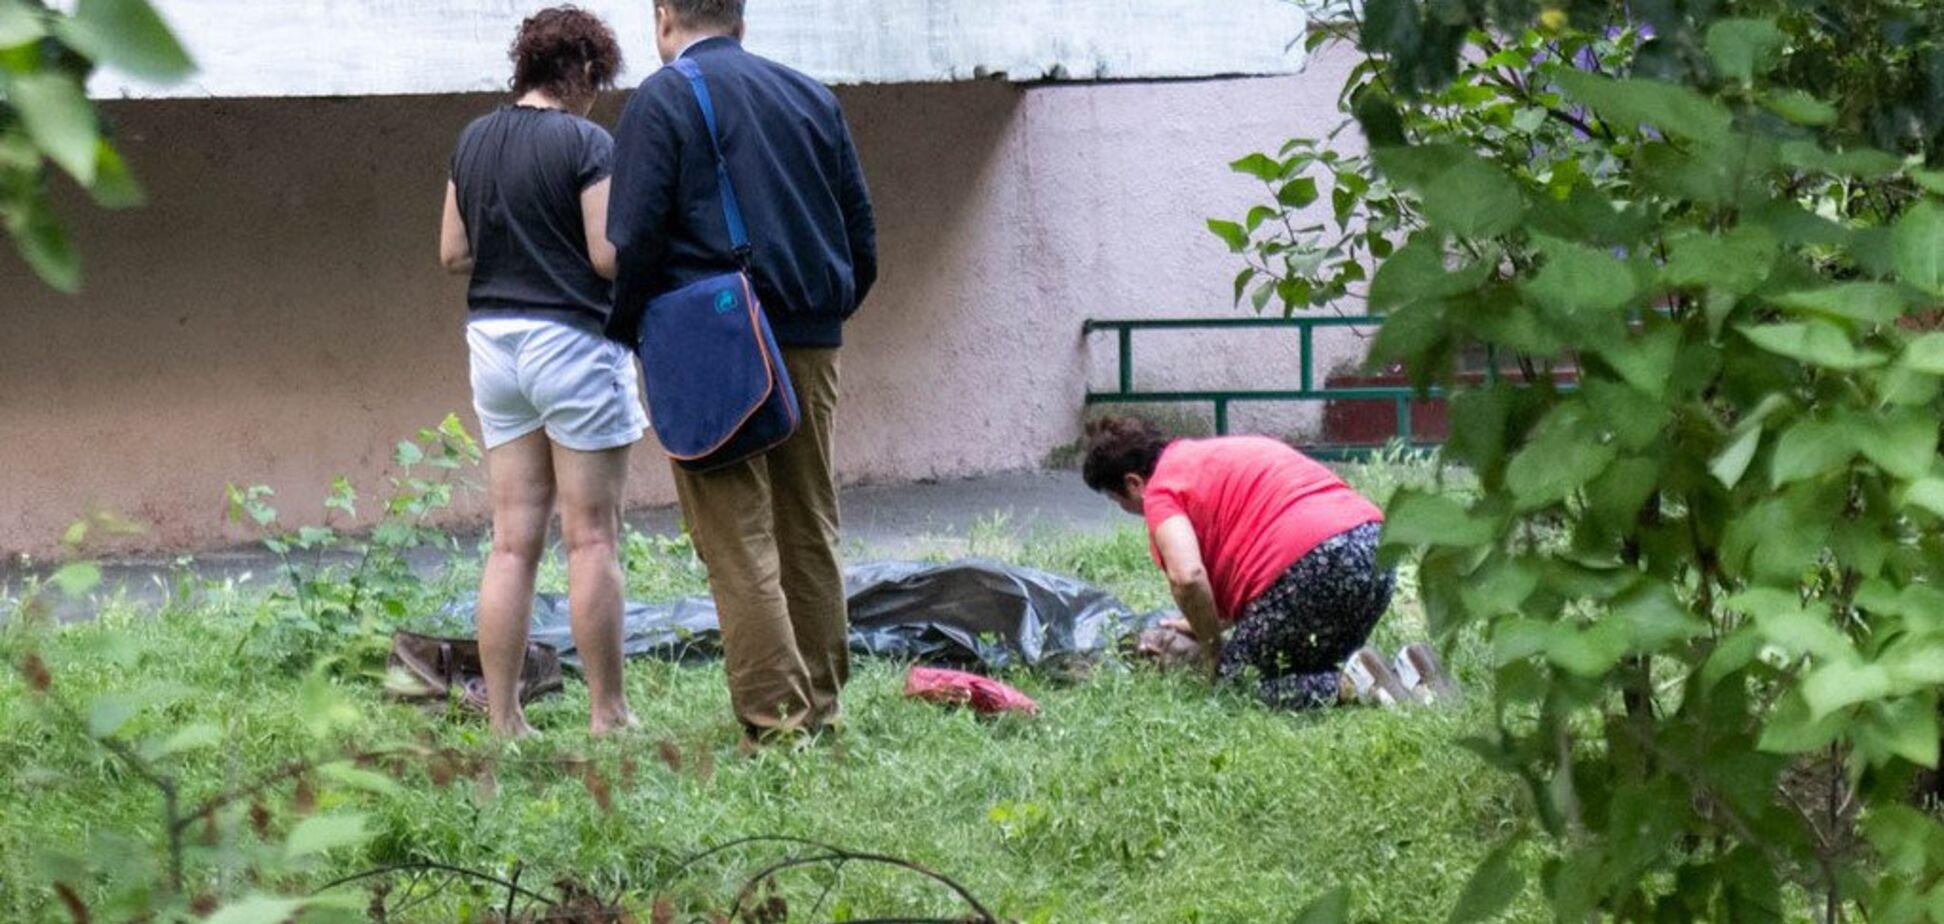 В Киеве студент совершил жуткое самоубийство из-за плохой оценки